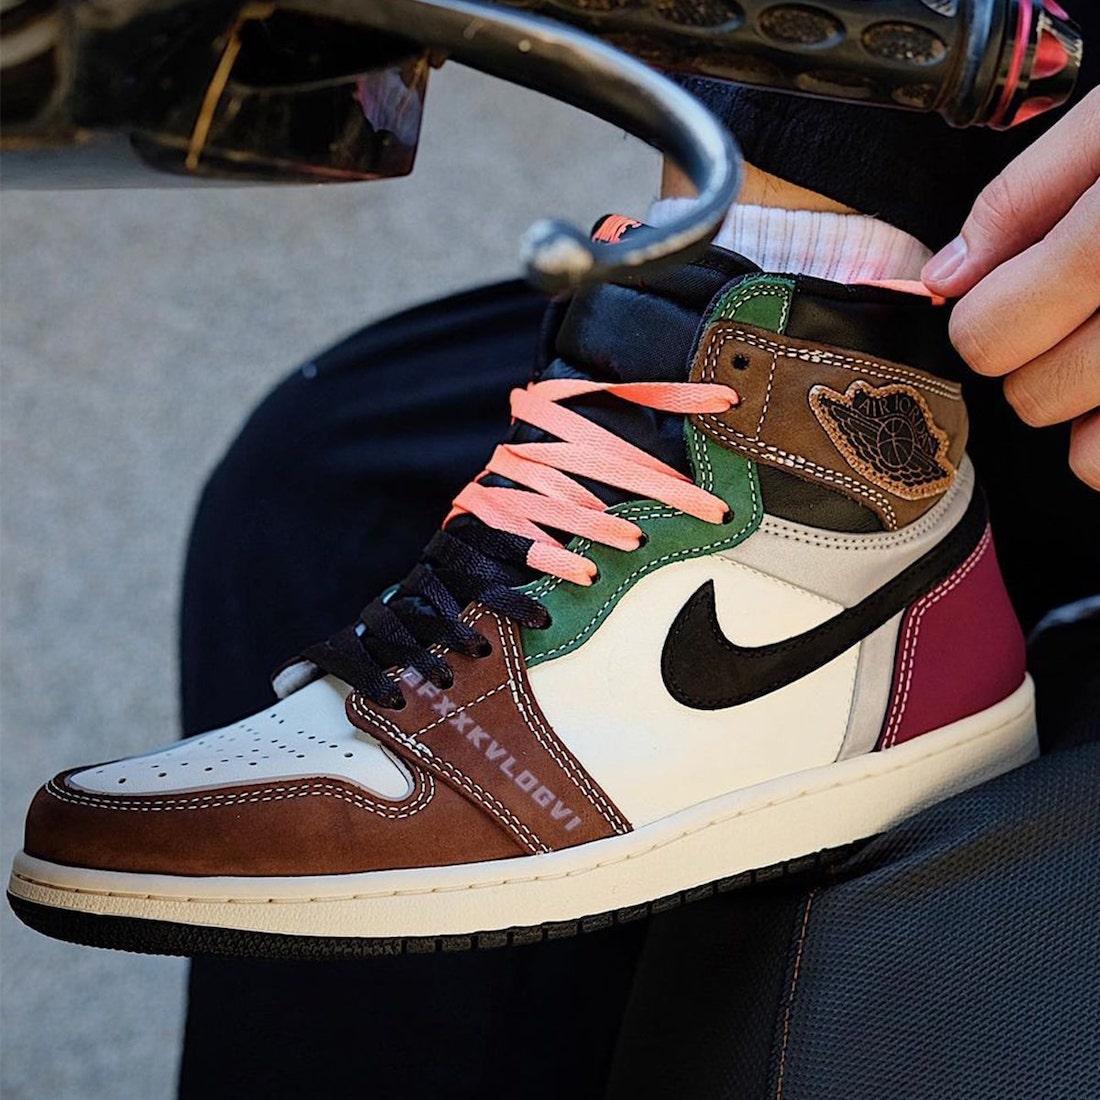 """ナイキ エア ジョーダン 1 ハイ OG """"ハンドクラフティッド"""" Nike-Air-Jordan-1-High-OG-Hand-Crafted-DH3097-001-look-1"""